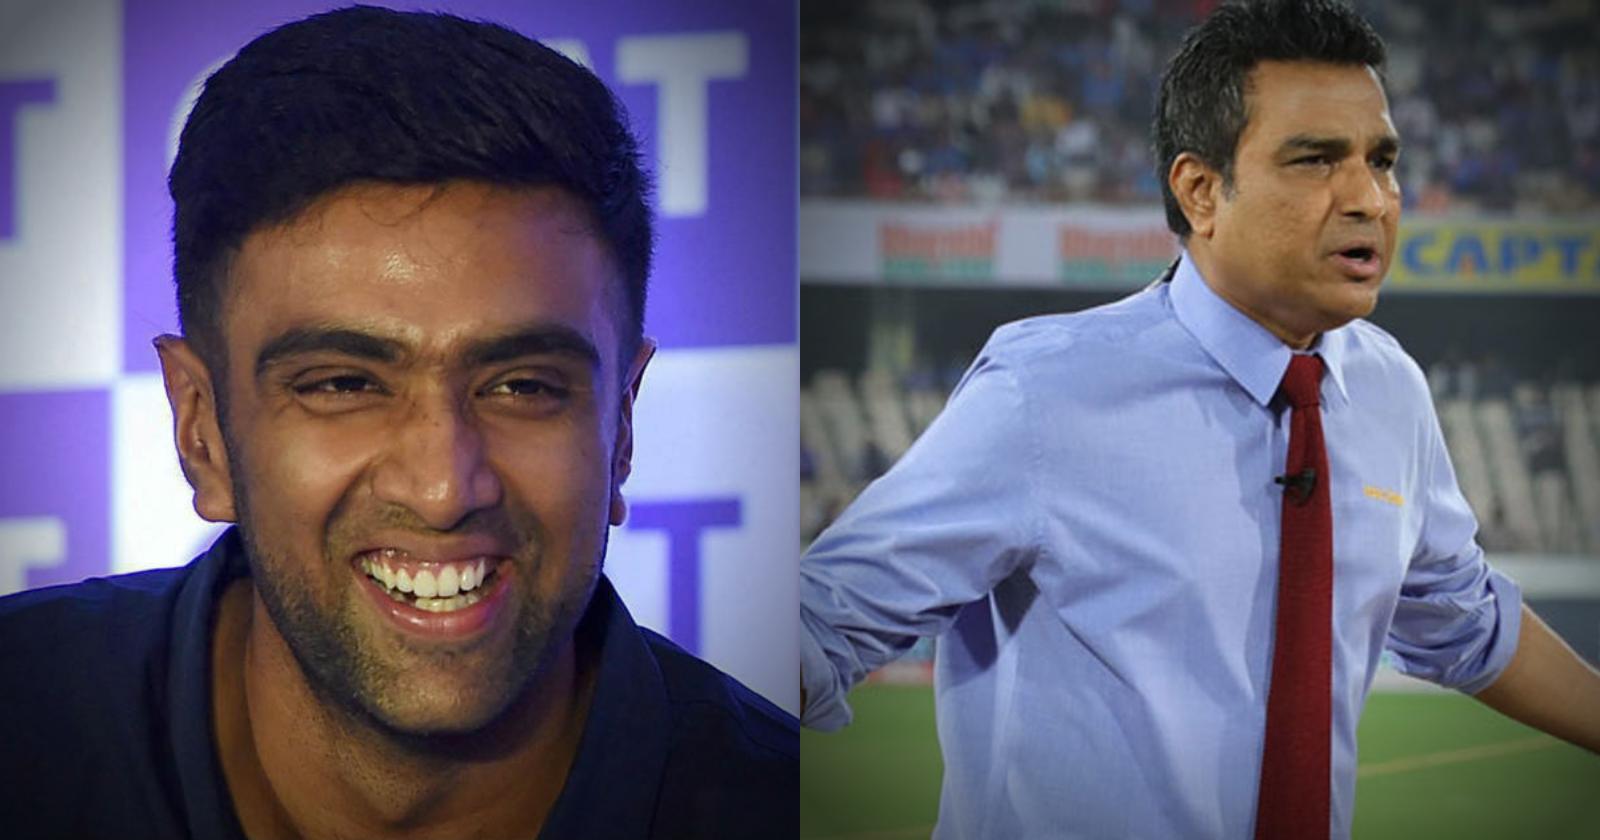 """संजय मांजरेकर के कहने के बाद रविचंद्रन अश्विन ने दिया जवाब """"ऑल-टाइम ग्रेट"""""""